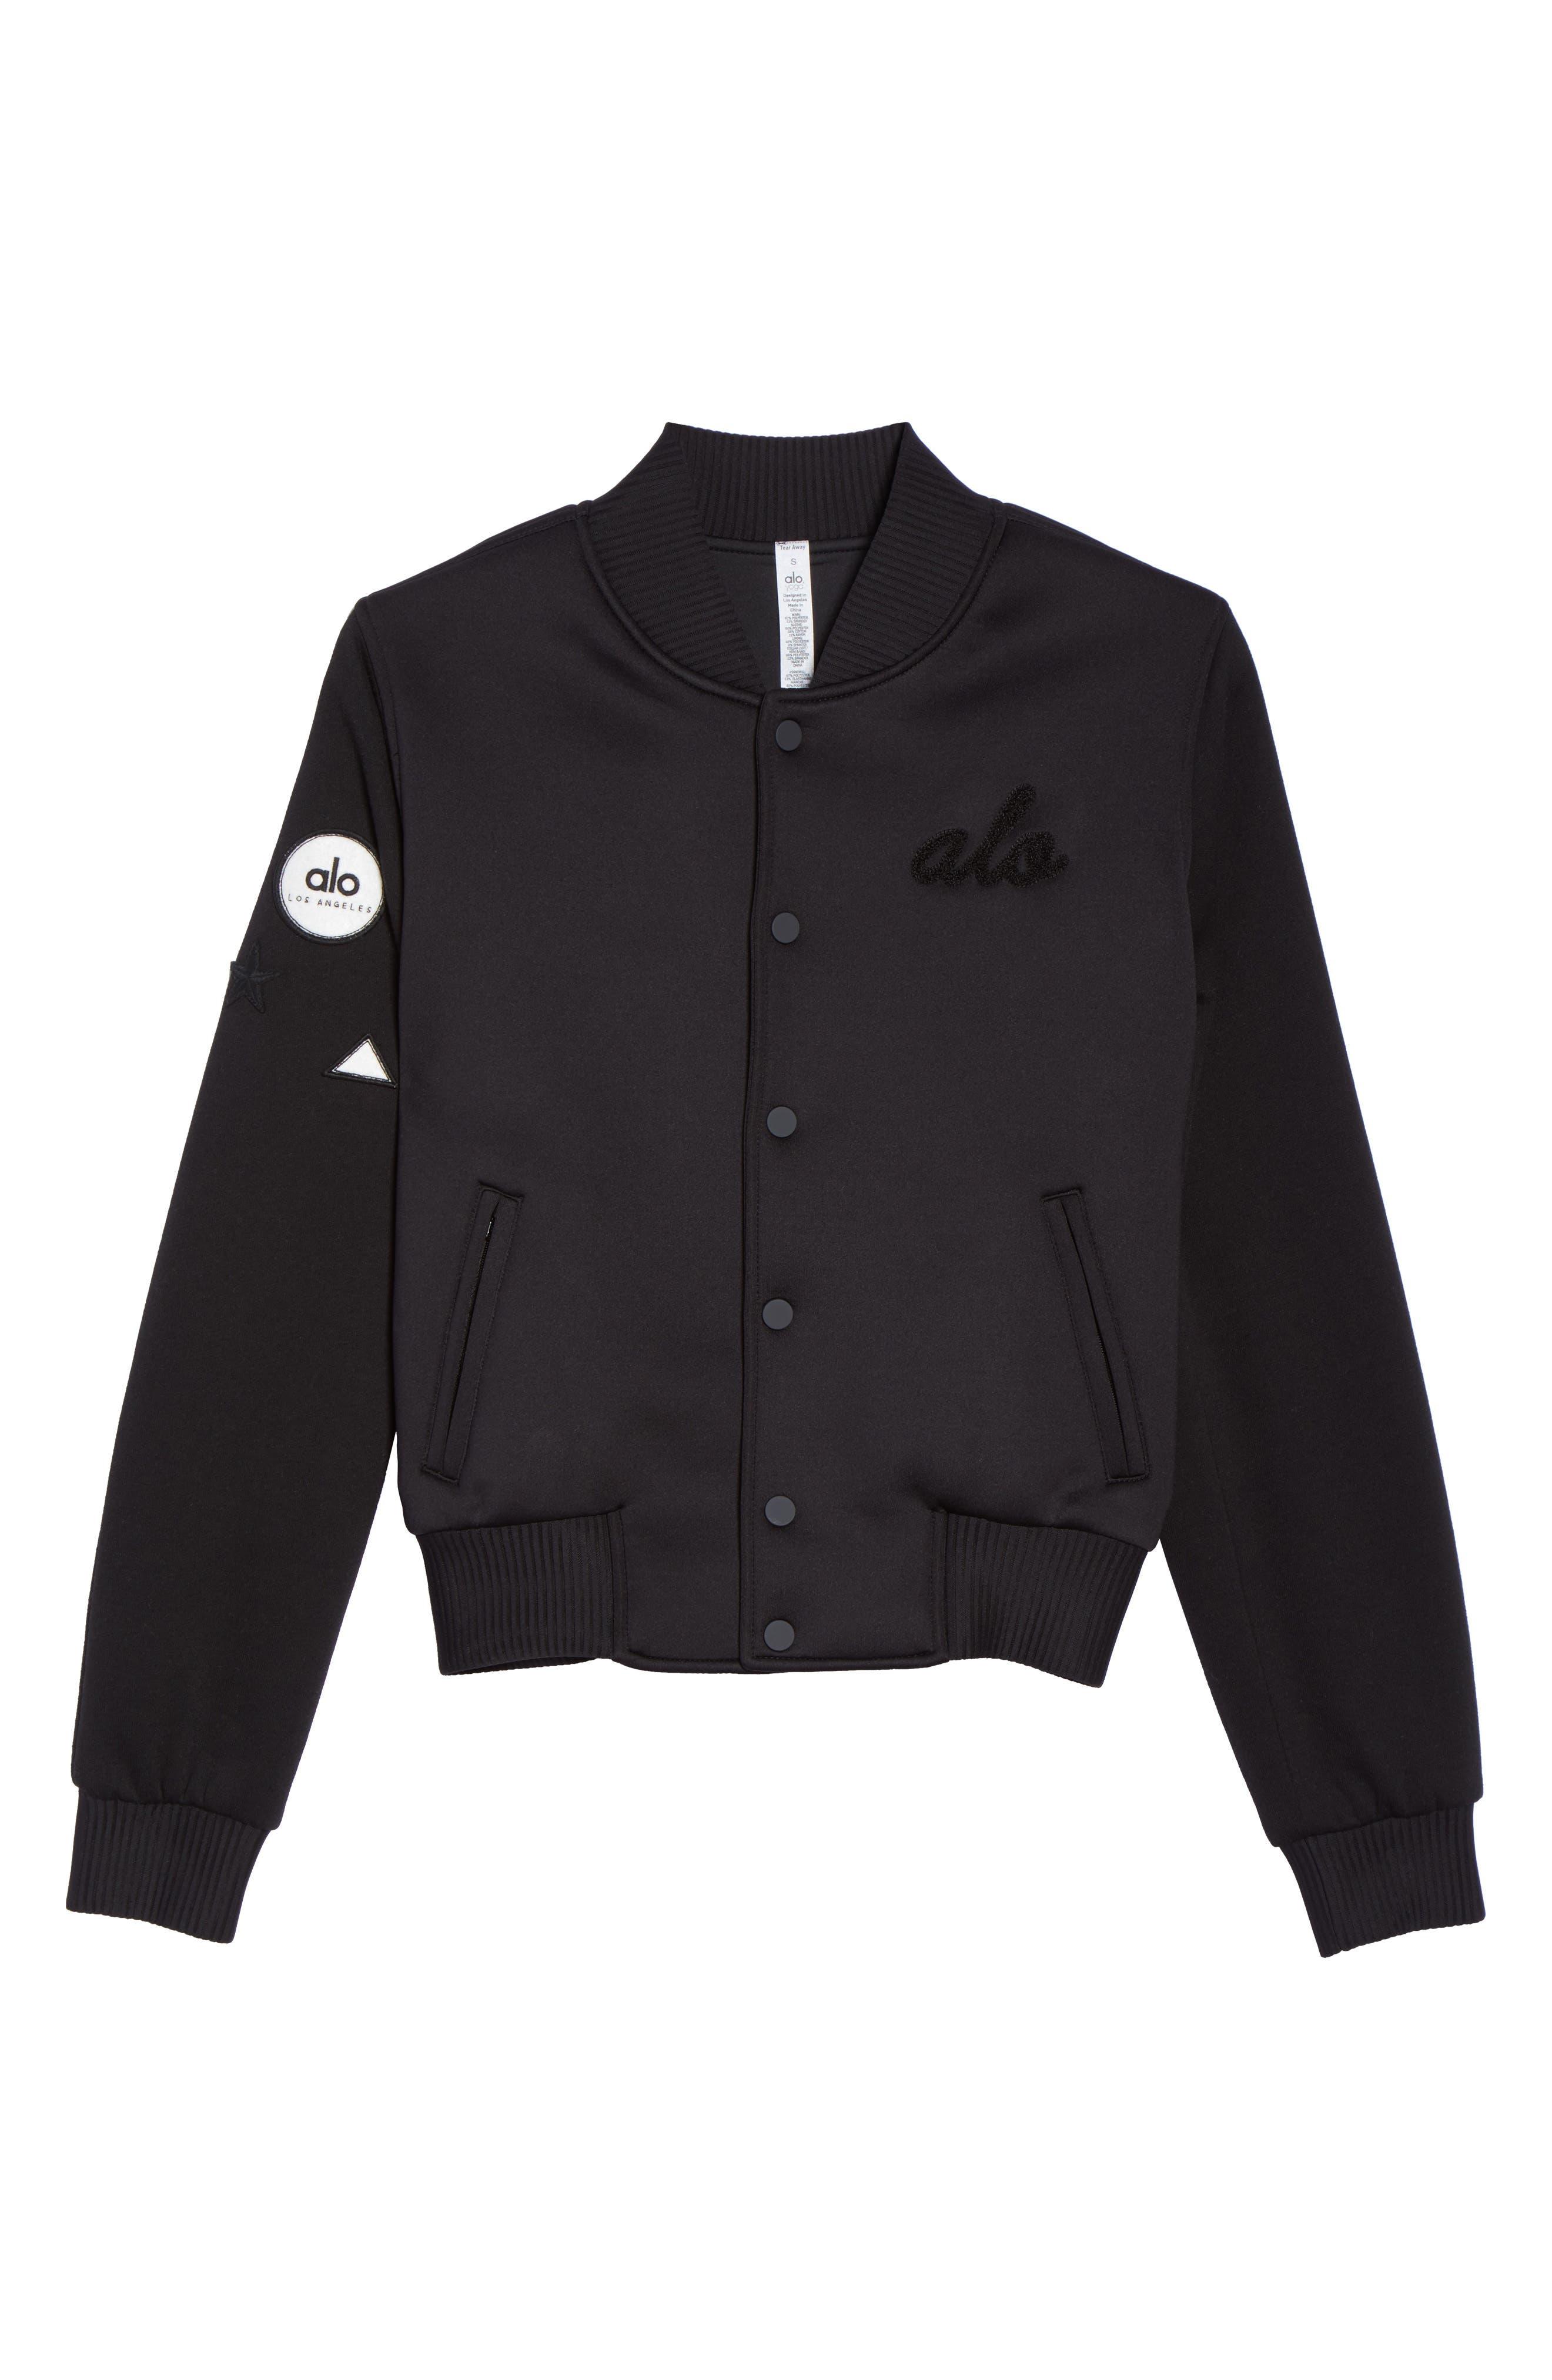 League Varsity Jacket,                             Alternate thumbnail 7, color,                             Black/ Alo Patches